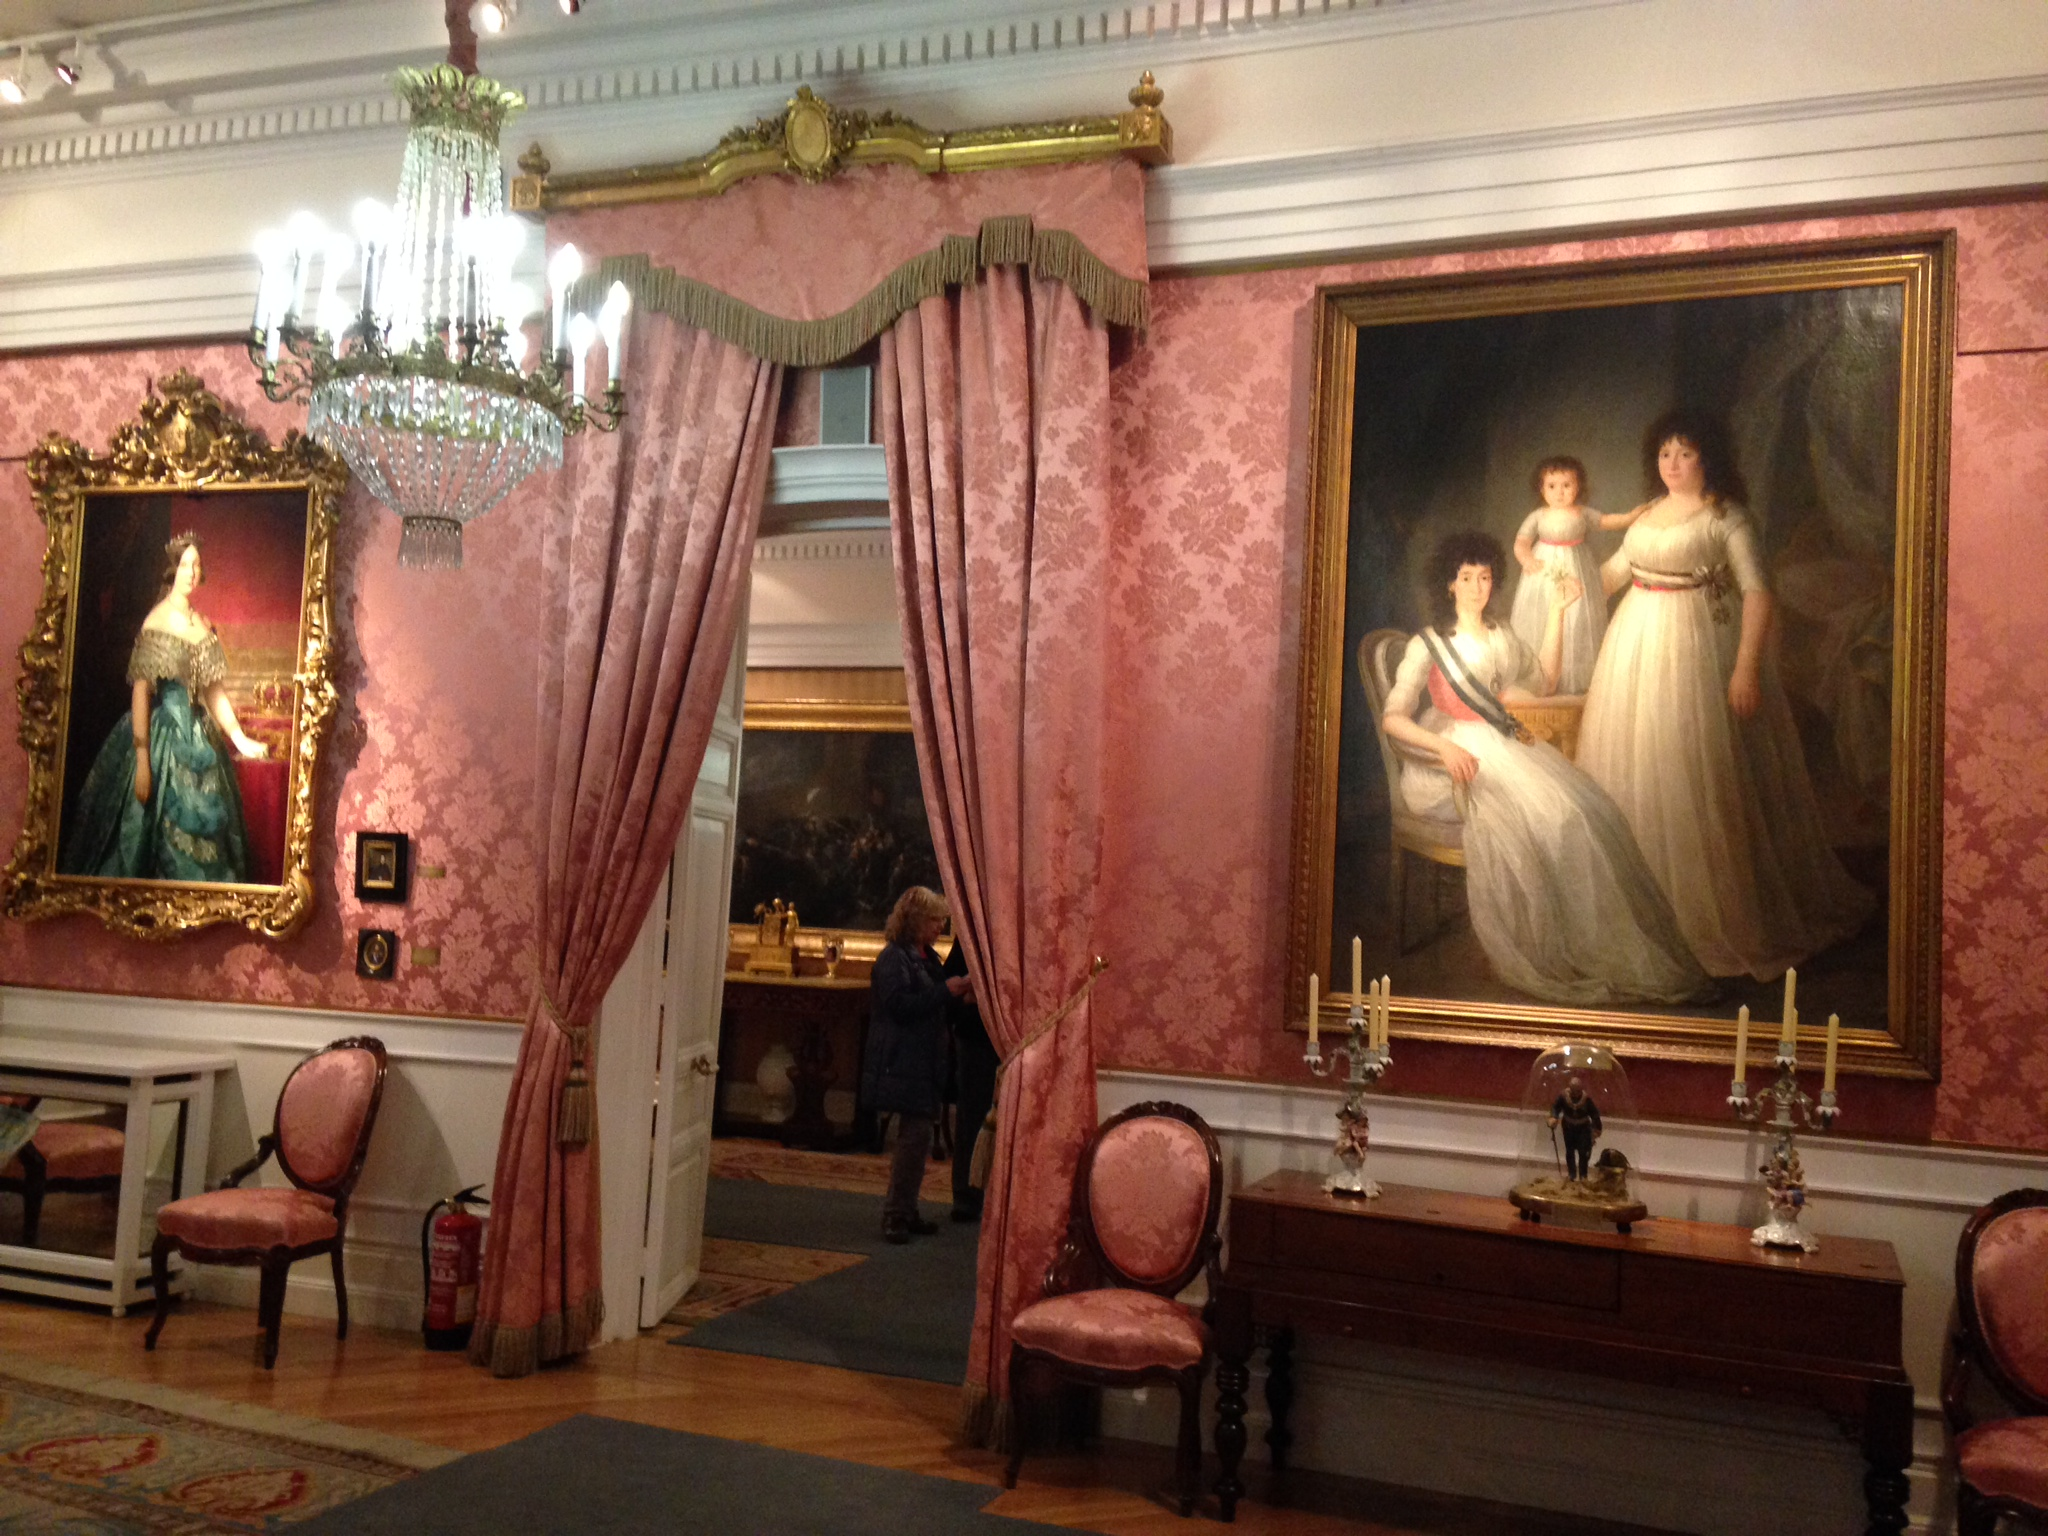 Museo del romanticismo mam s peques y s per planes for Diseno de interiores siglo xix